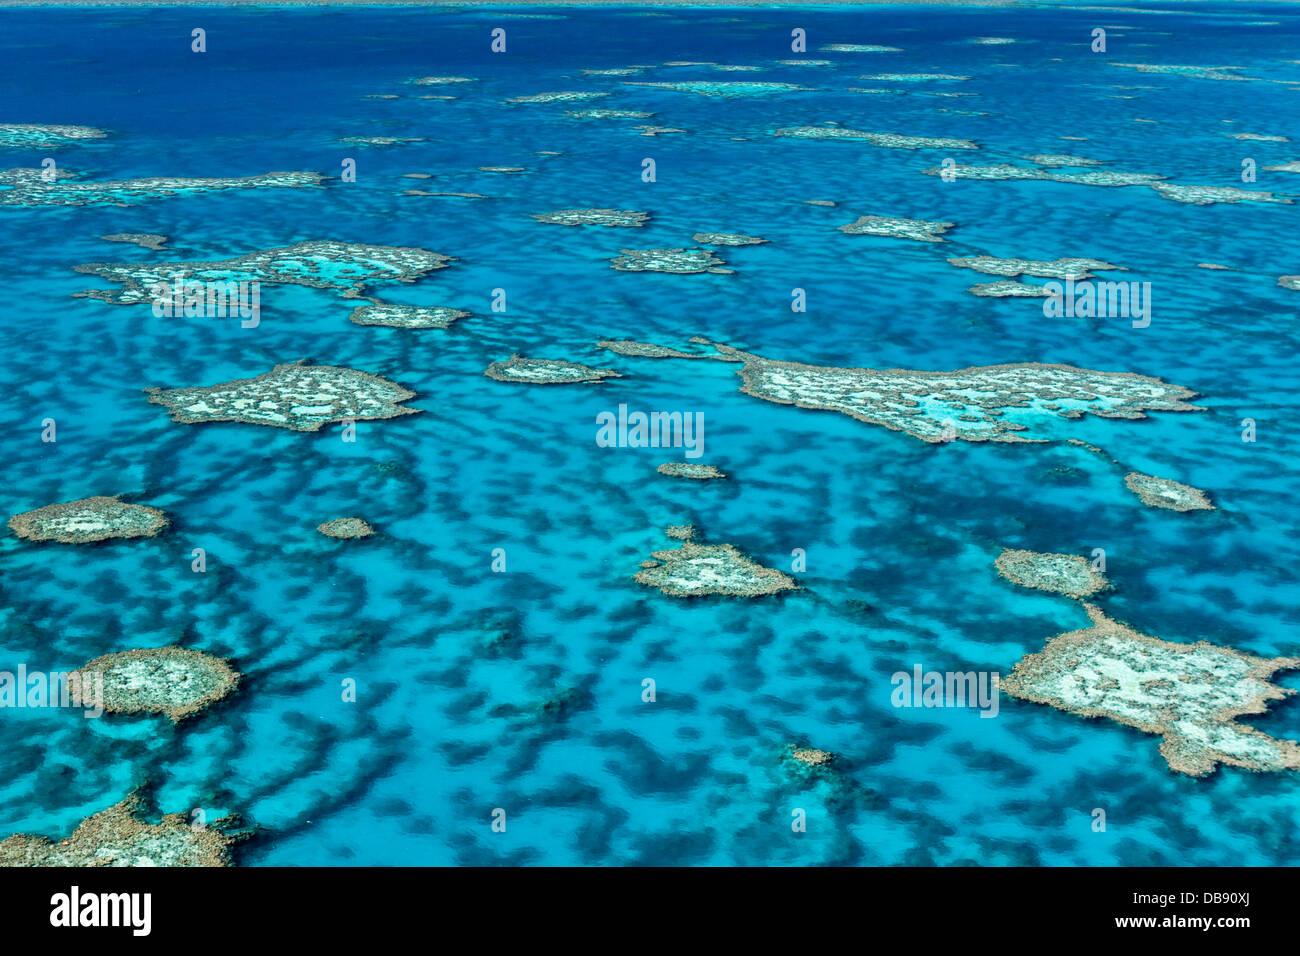 Luftaufnahme von Korallen-Formationen im Hardys Reef. Great Barrier Reef Marine Park, Whitsundays, Queensland, Australien Stockbild